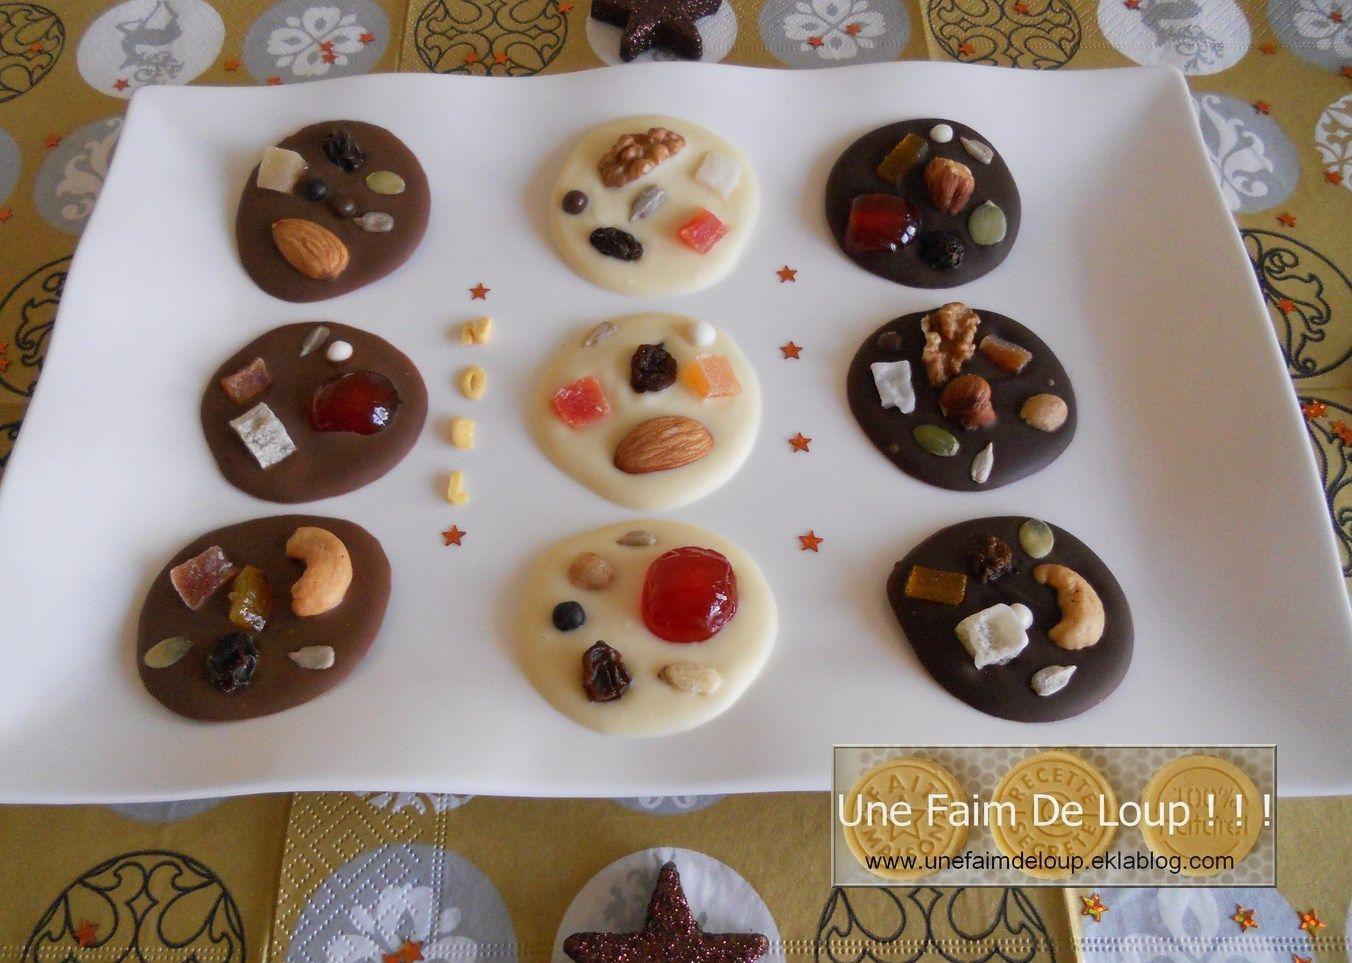 Mendiants aux 3 chocolats  http://unefaimdeloup.eklablog.com/mendiants-aux-3-chocolats-a29080642